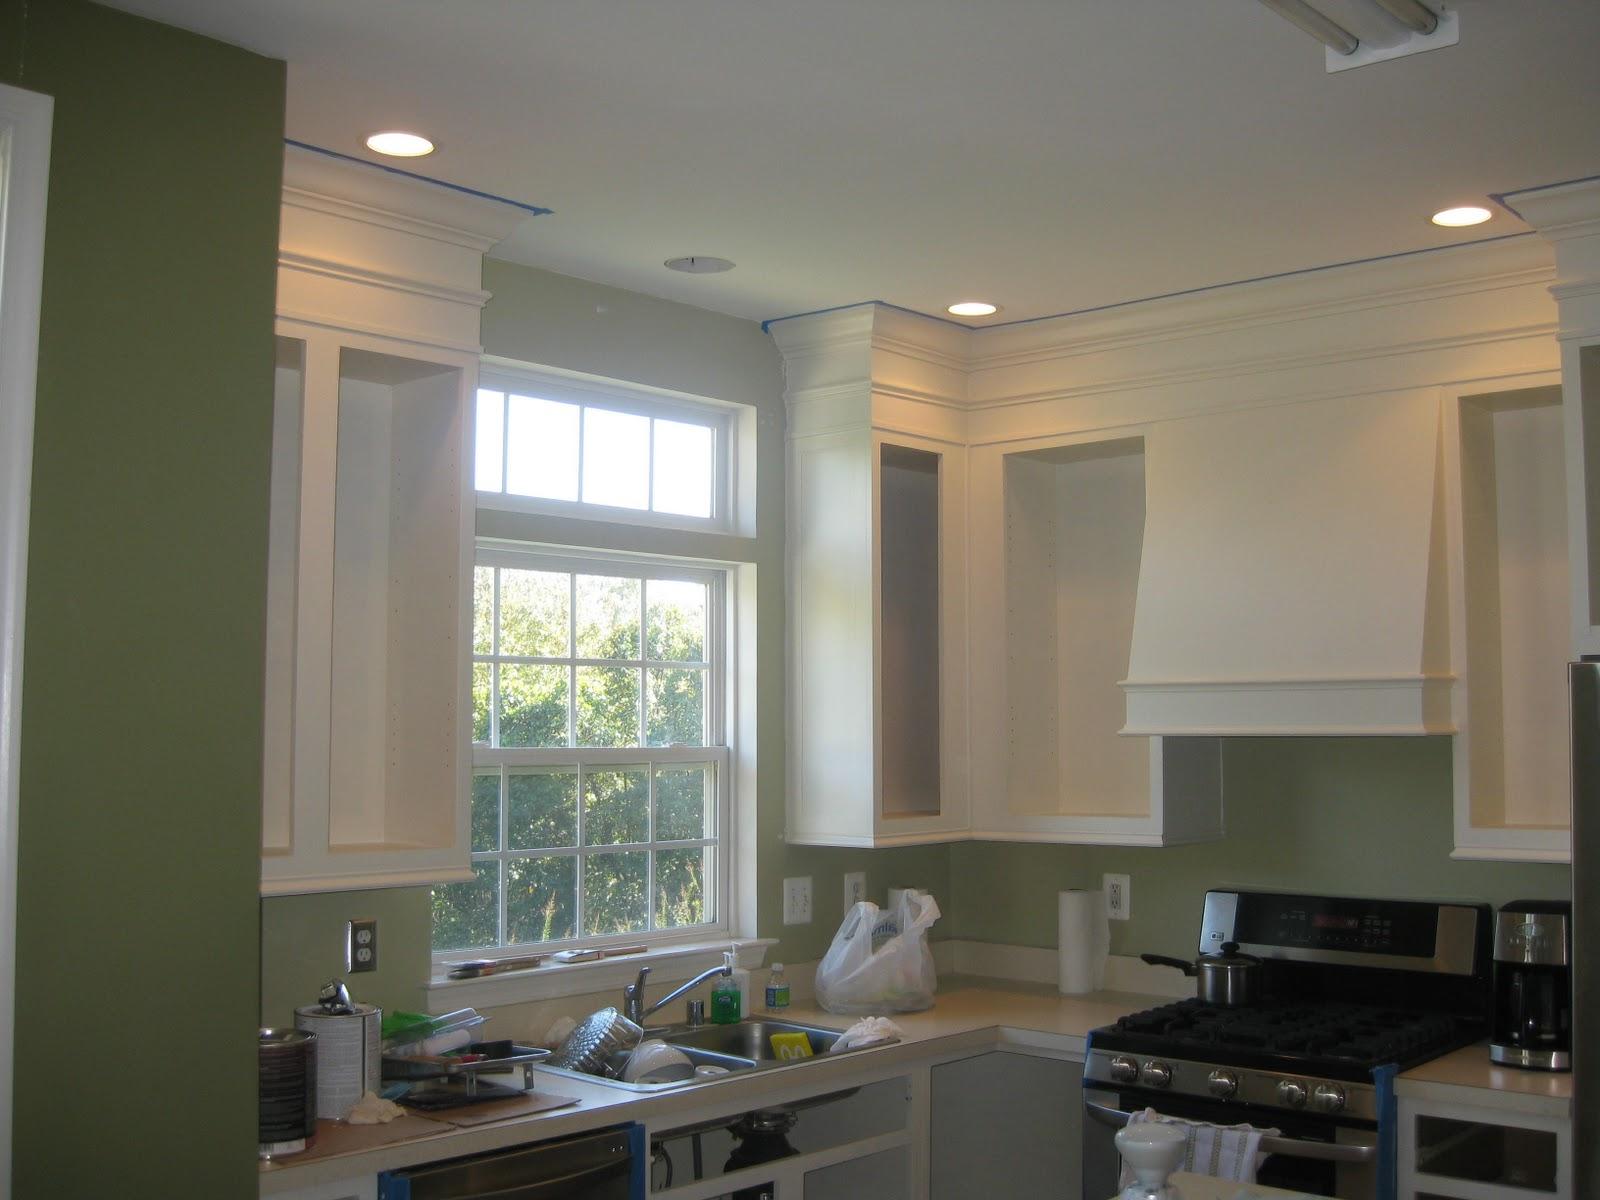 Gabinetes de cocina colores de la pintura benjamin moore - Pinturas para cocina ...